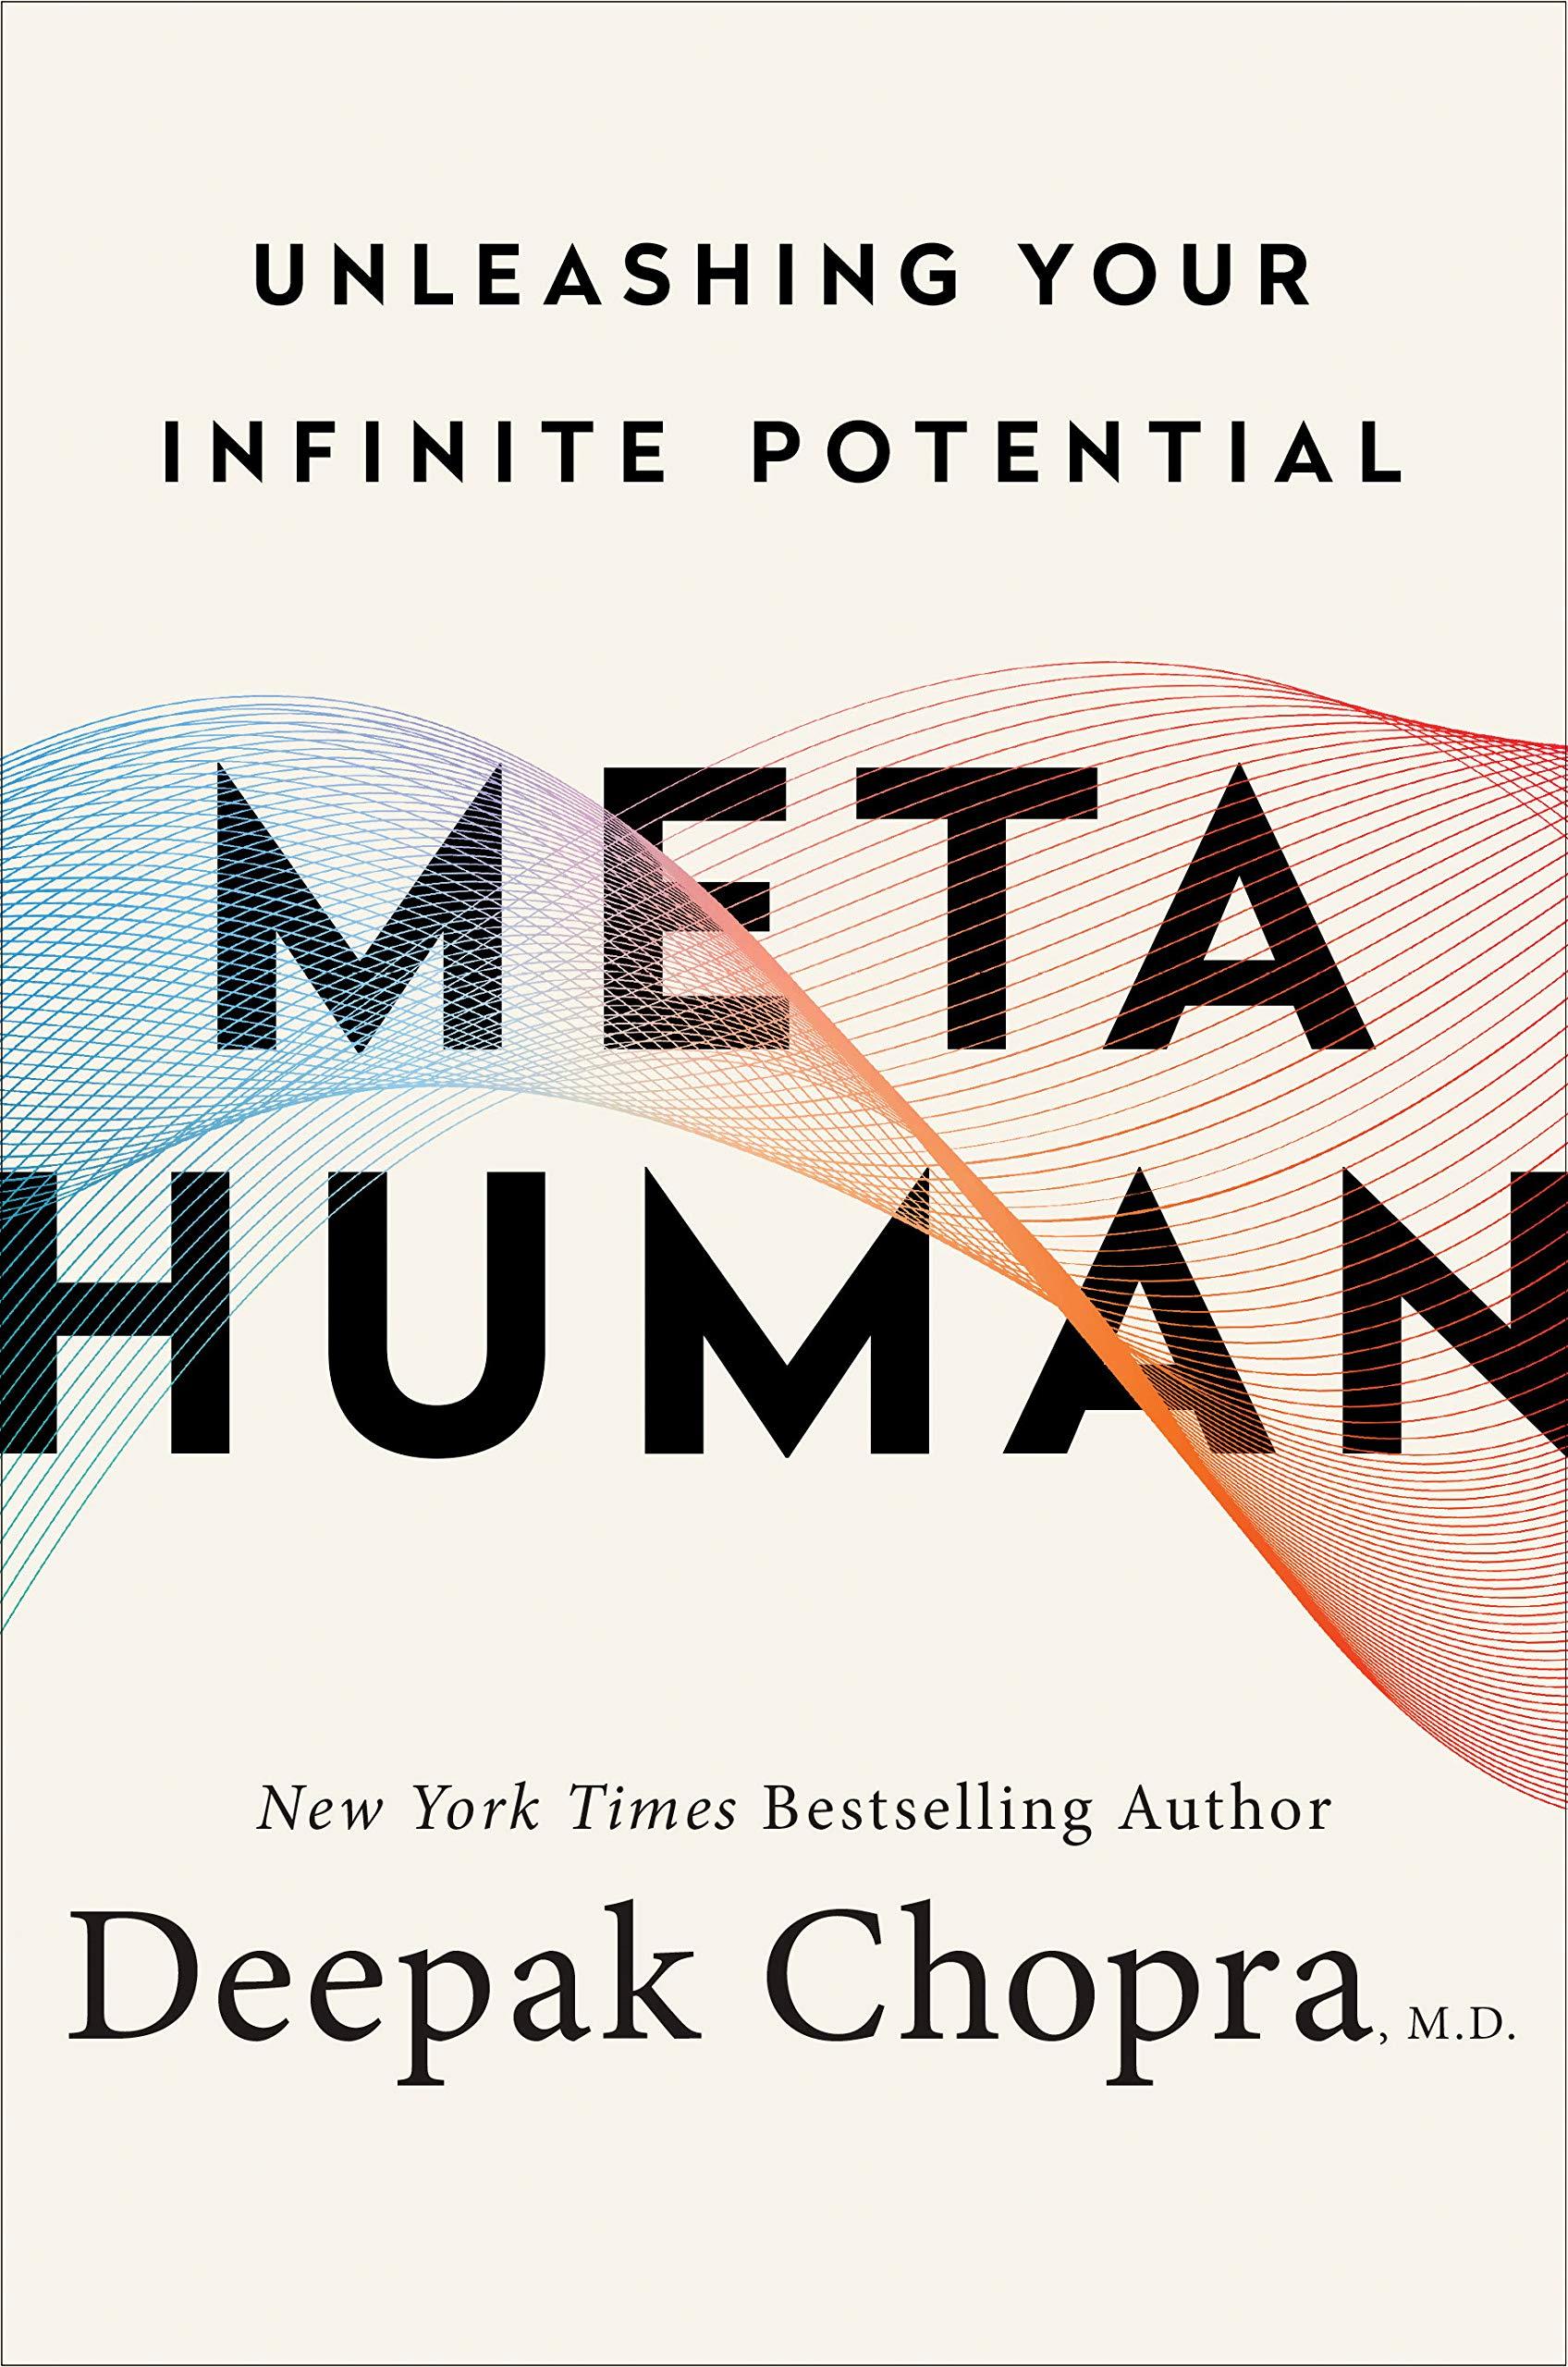 Deepak Chopra: Metahumán